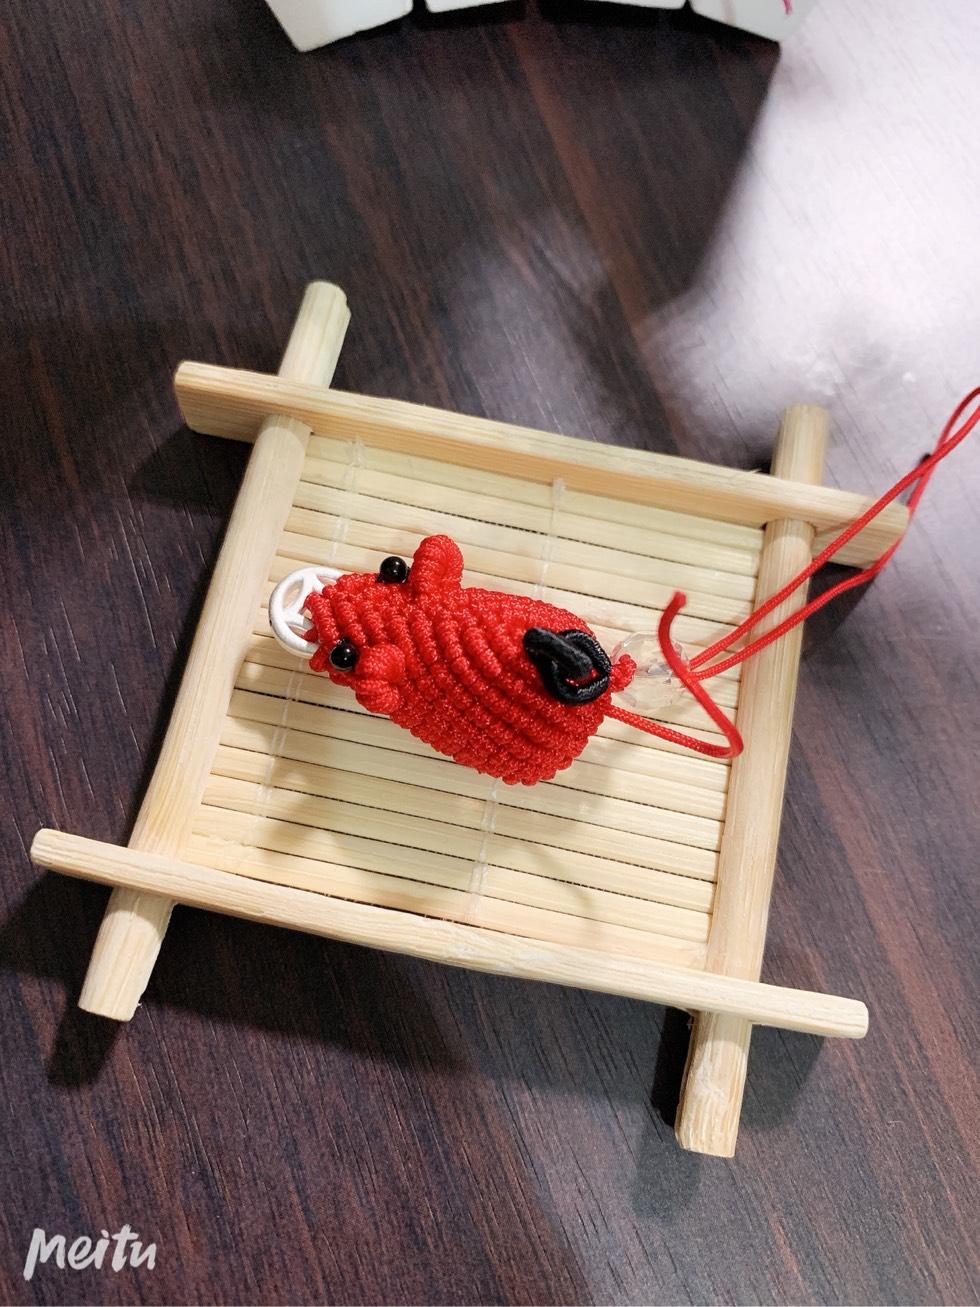 中国结论坛 明年鼠年,做个吉祥物应景  作品展示 132506c169ebww94e91616